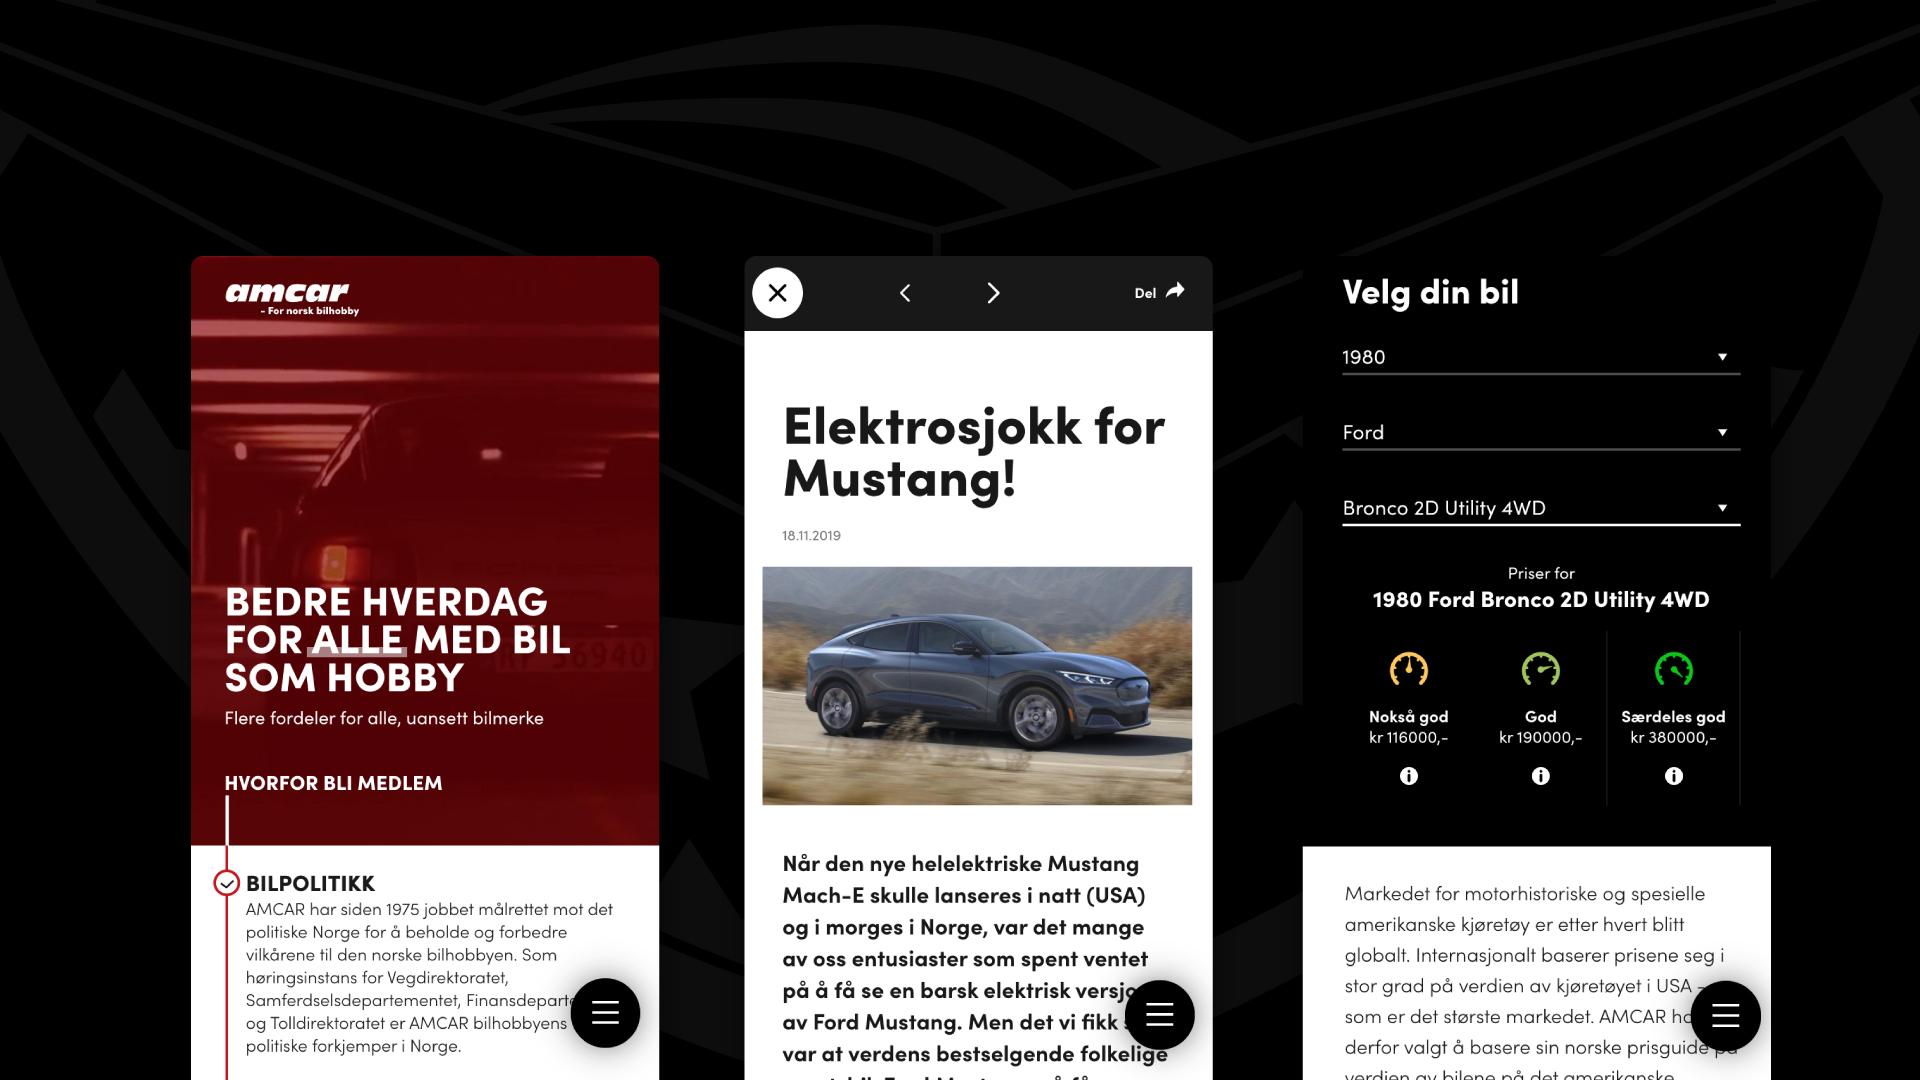 Norges største bilinteresse-organisasjon